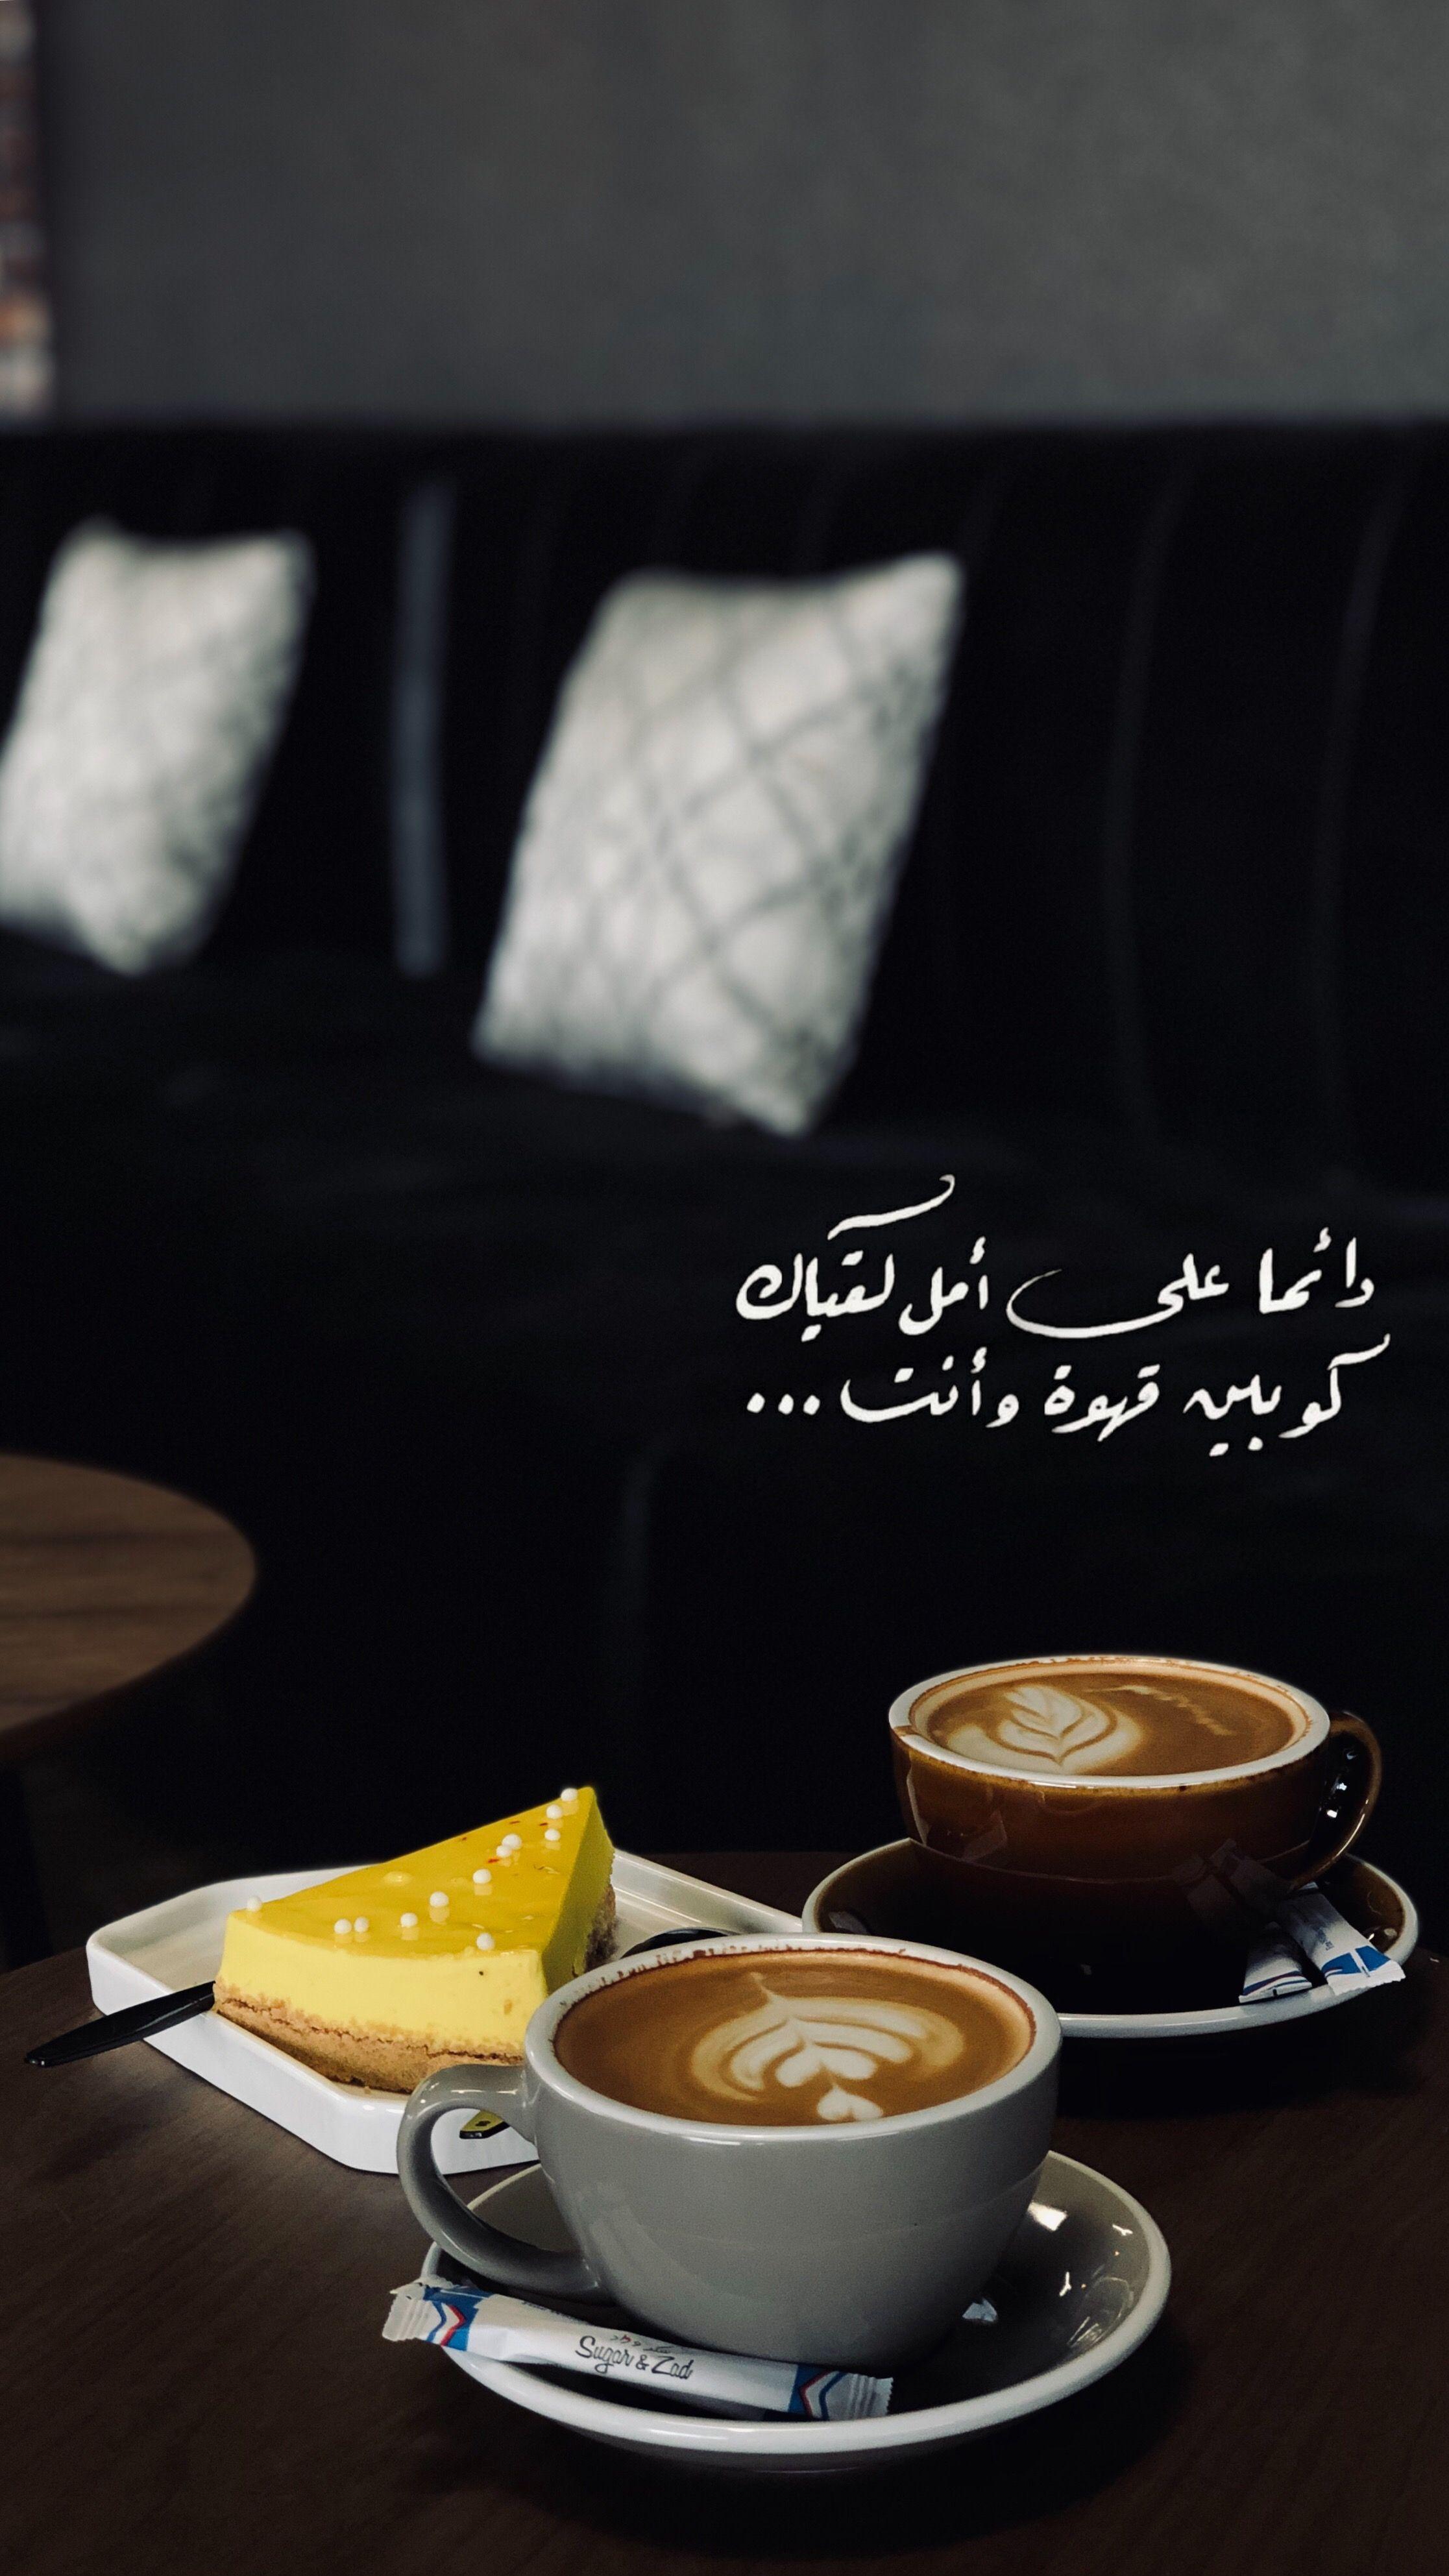 دائمٱ على أمل لقياك كوبين قهوة وٲنت My Coffee Coffee Tea Food